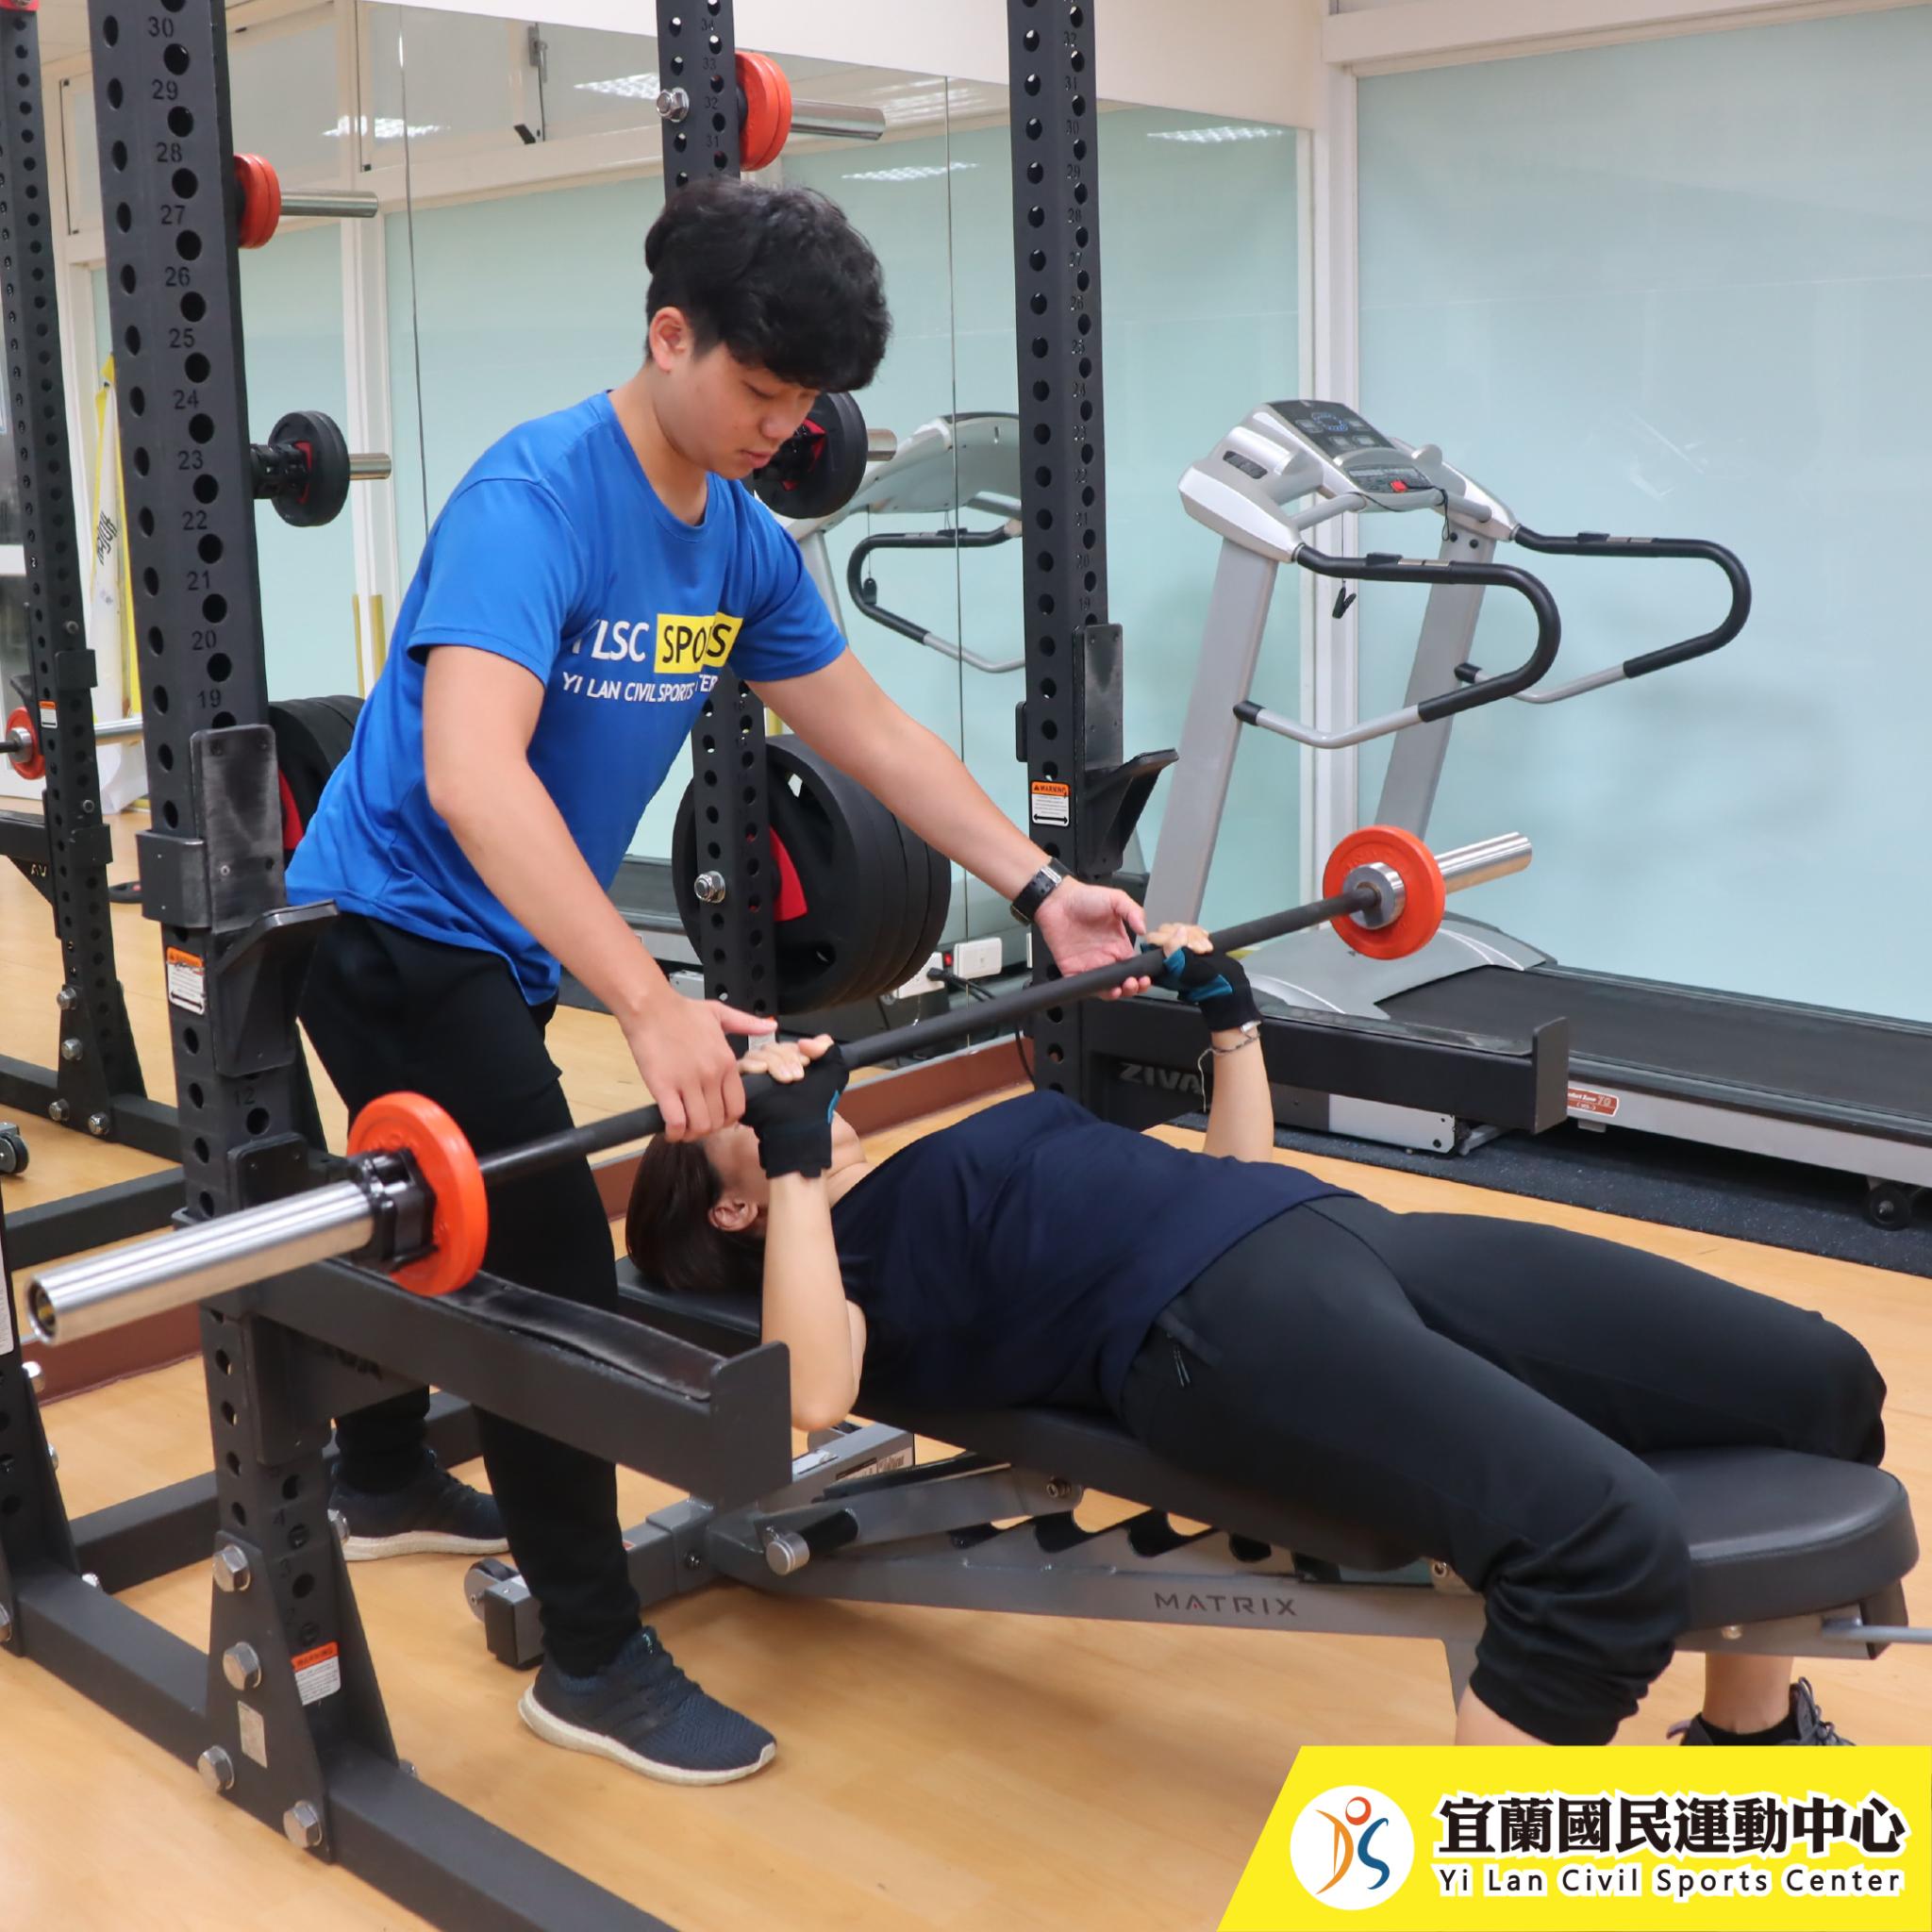 健身-上課情況(JPG)